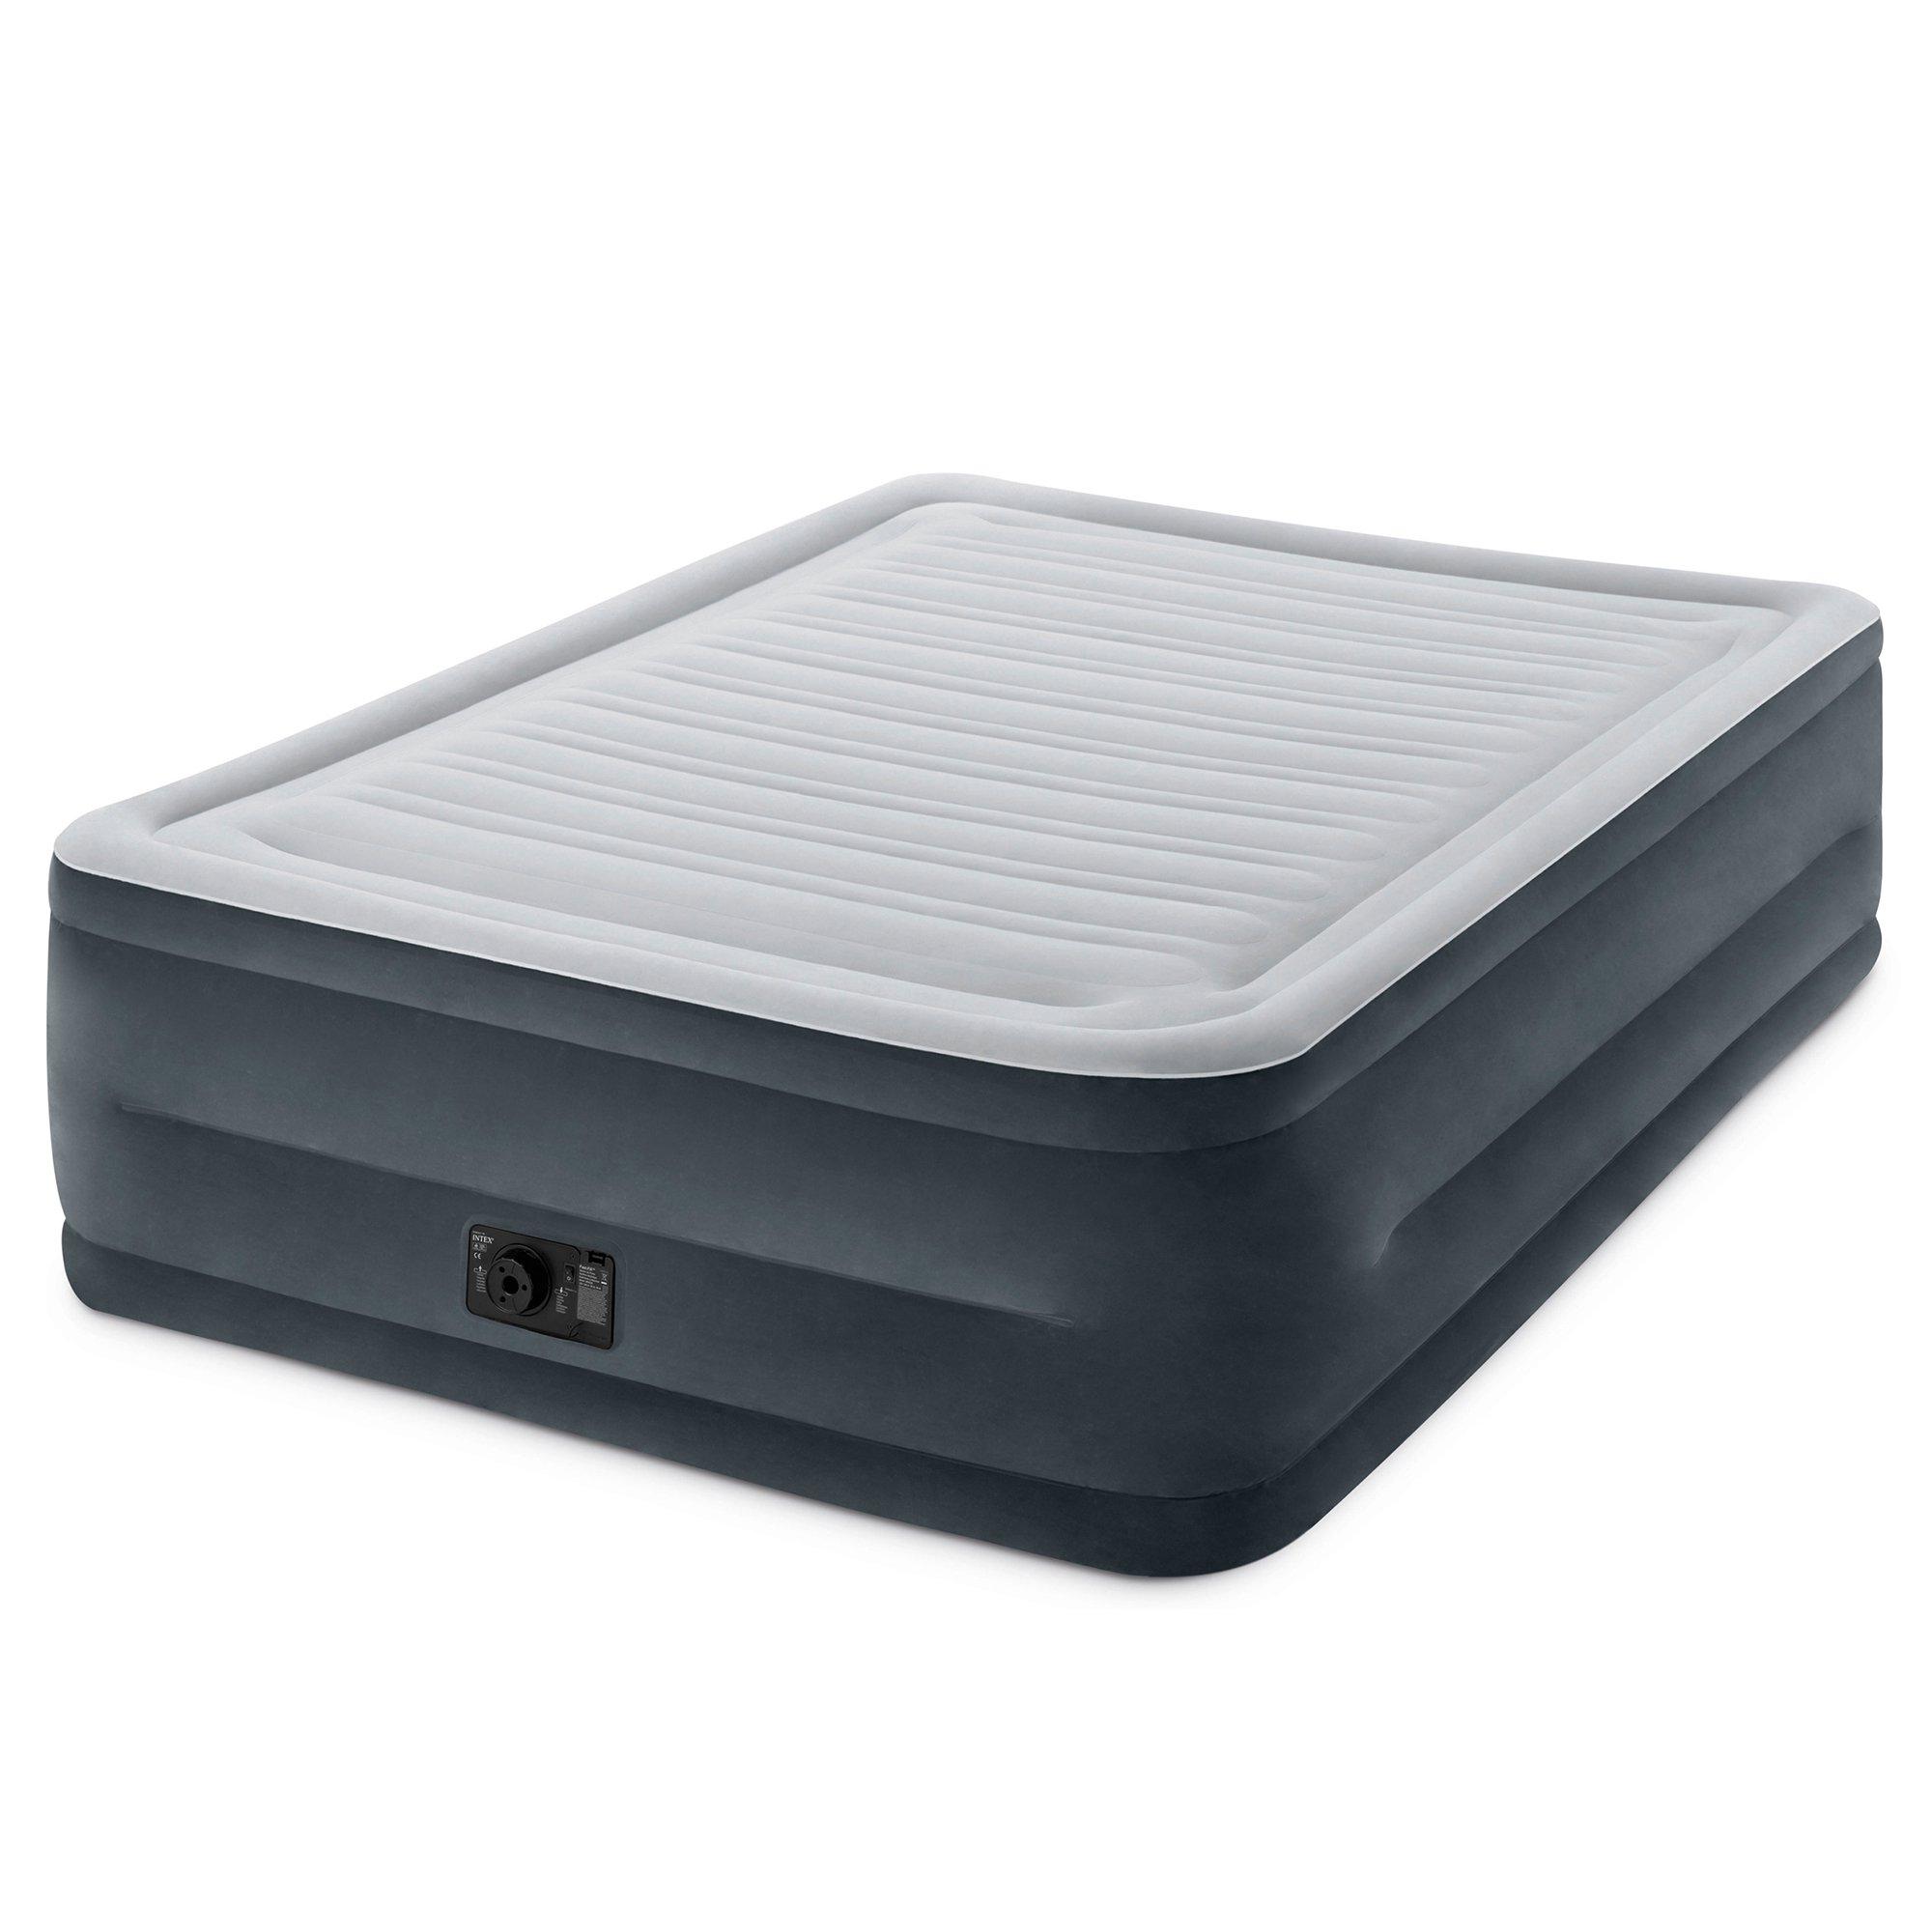 Intex Comfort Plush High Rise Dura-Beam Air Bed Mattress w  Built-In Pump, Queen by Intex